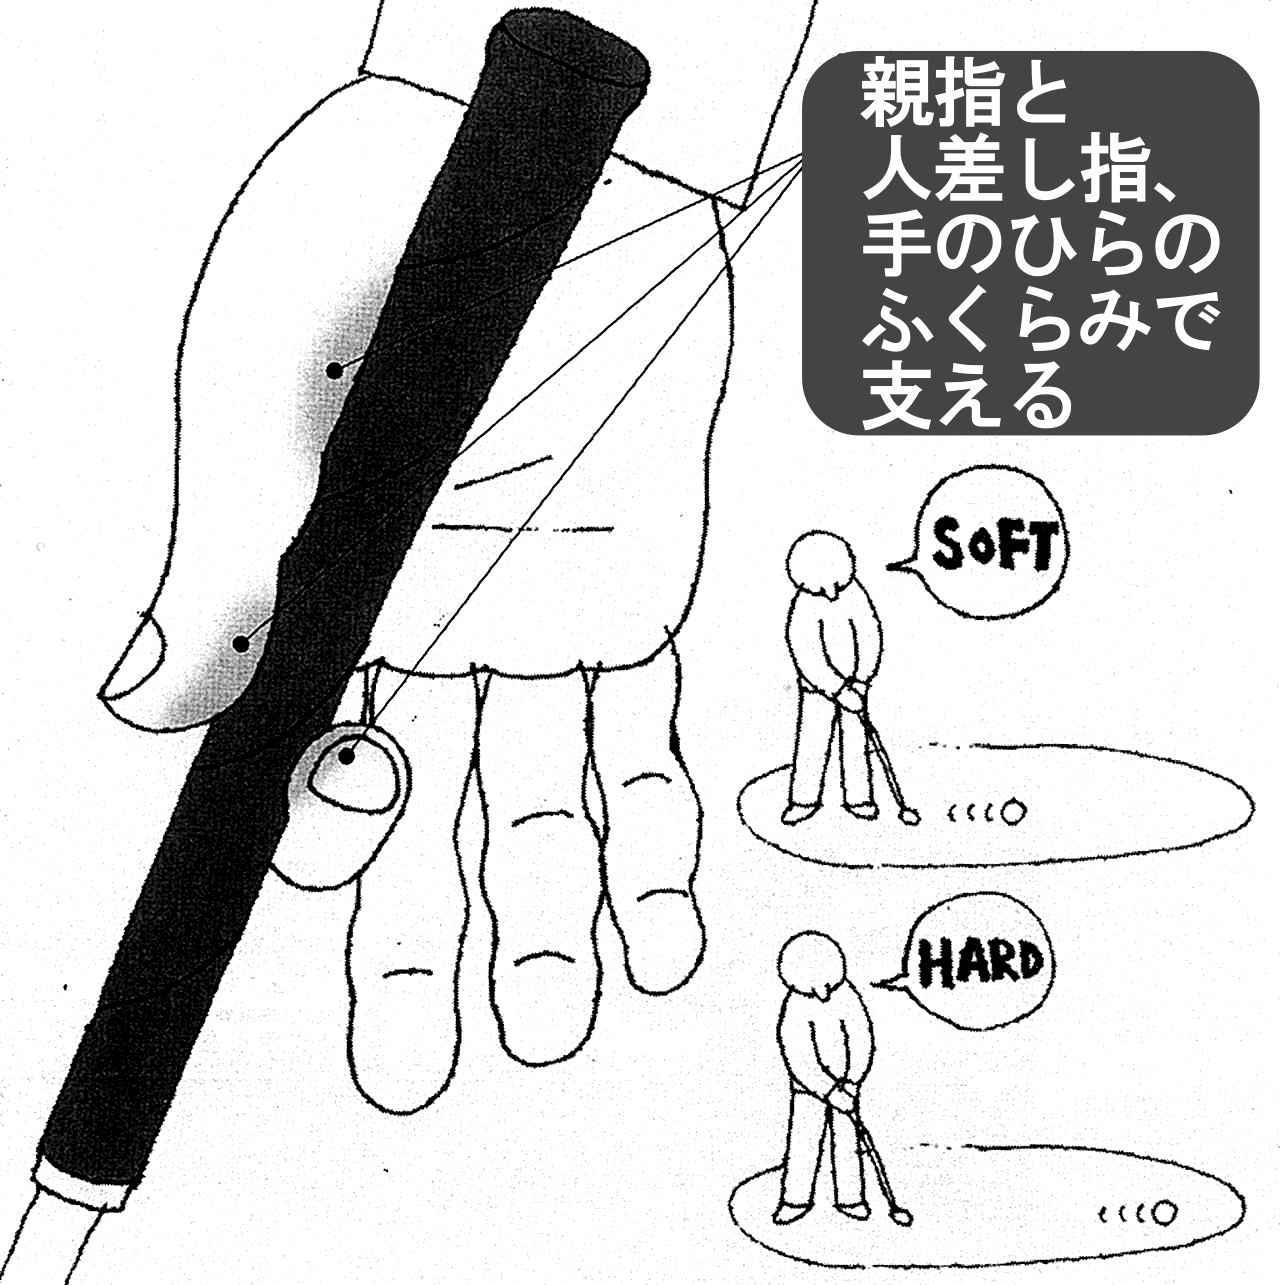 画像: 右手の親指と人差し指の力加減によって距離を打ち分けられる。短い距離はソフトに、長い距離は強く。振り幅は考えず、出球のスピードをイメージ